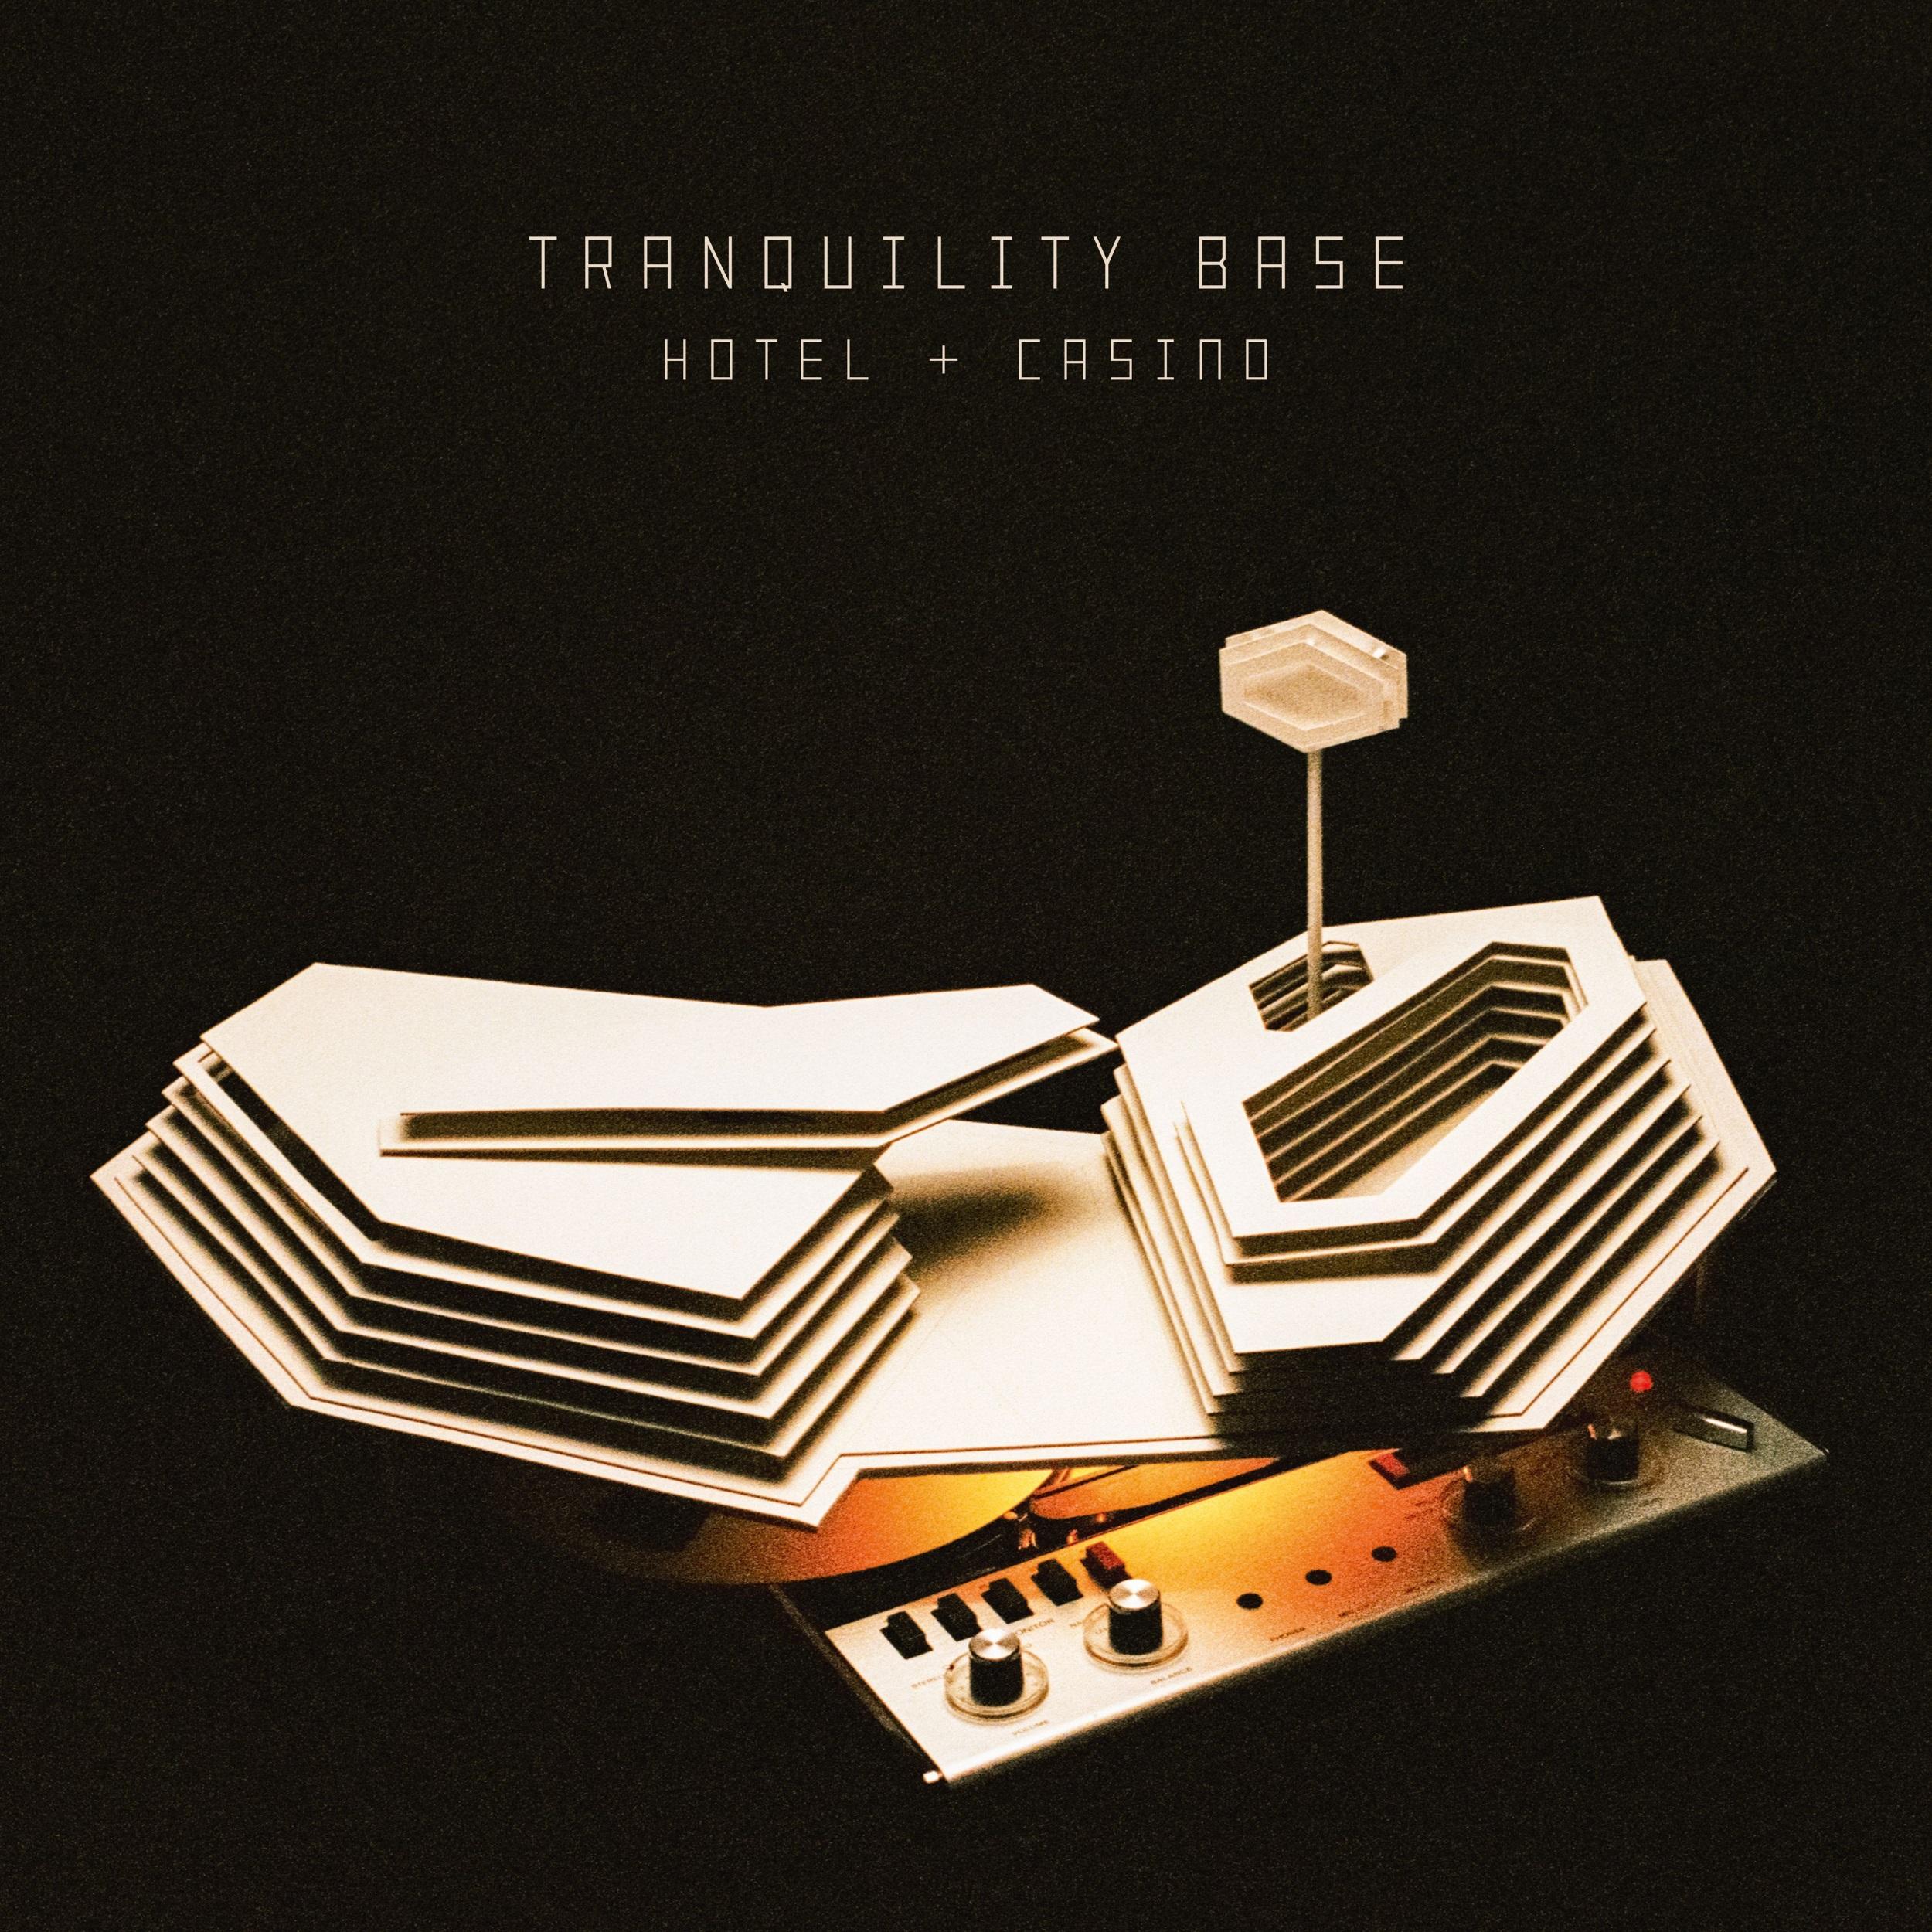 arctic-monkeys-tranquility-base- hotel-Casino